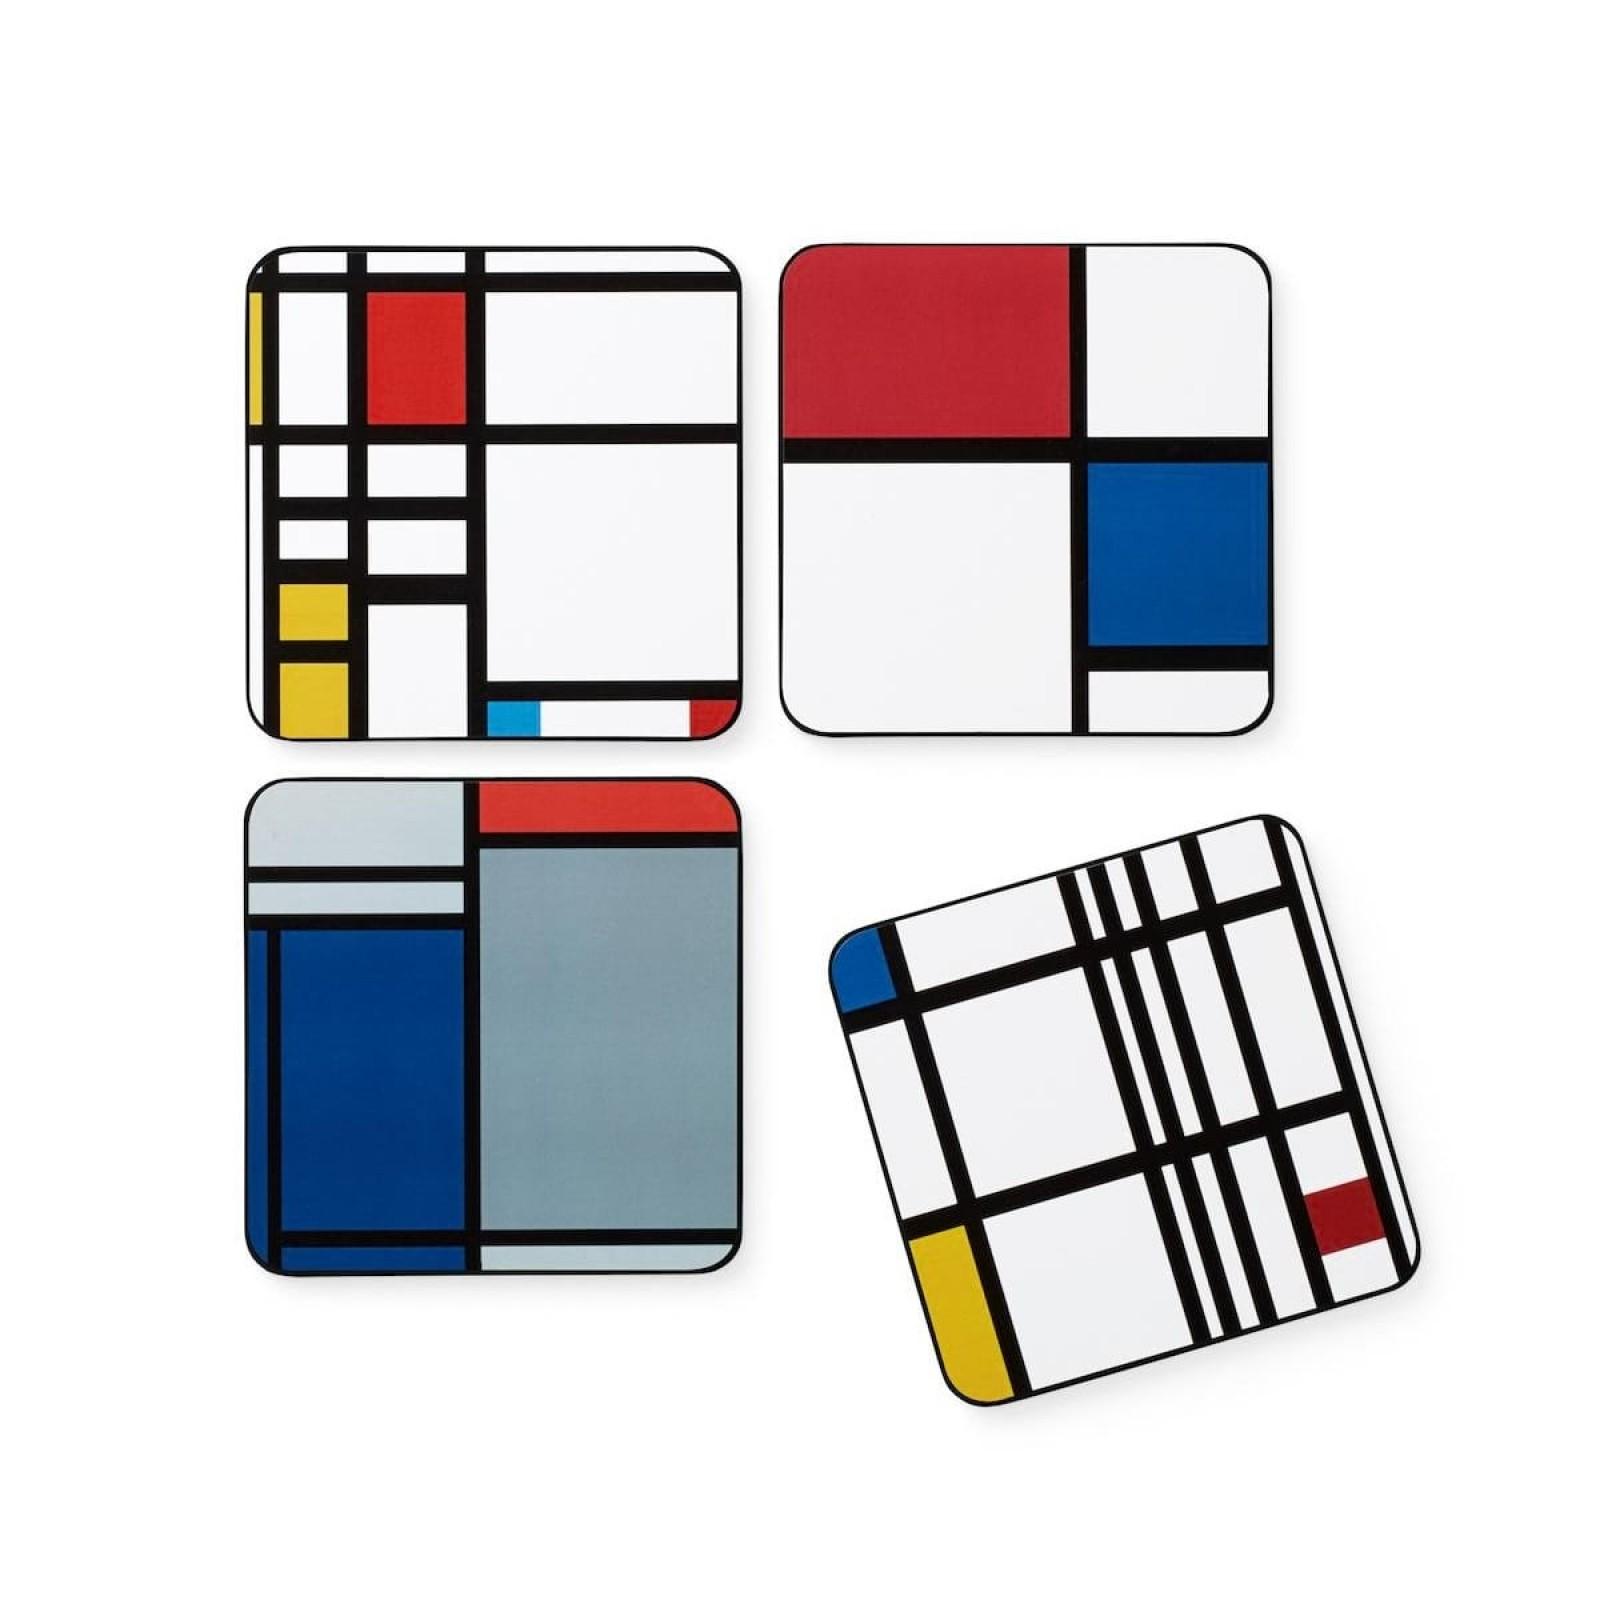 Σουβέρ Mondrian (Σετ από 4) - ΜοΜΑ